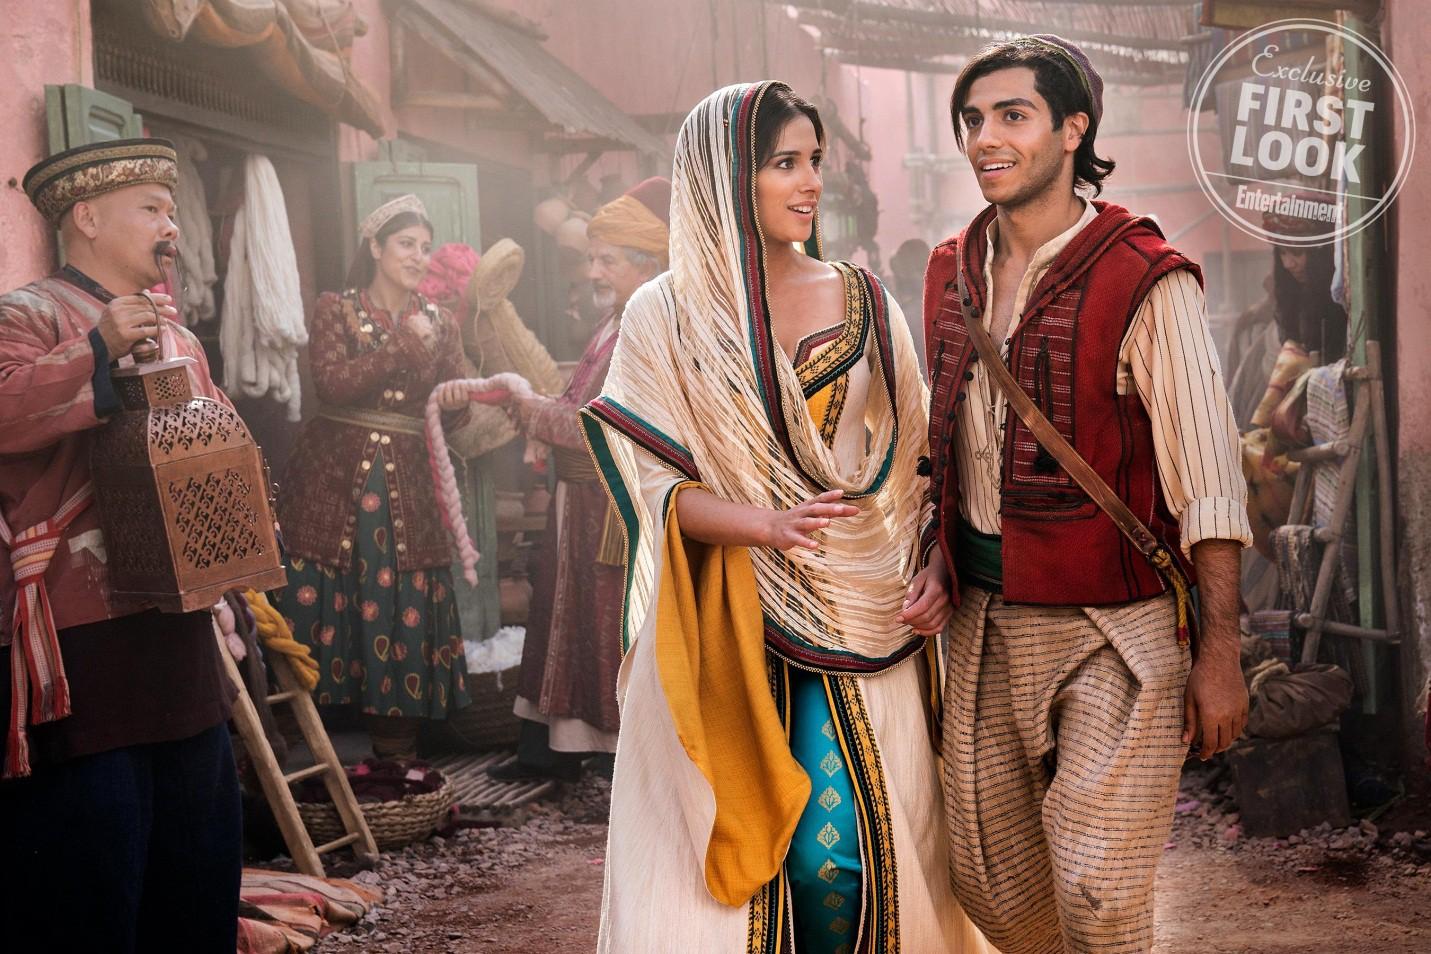 """Mê mẩn trước vẻ cuốn hút của nàng công chúa Jasmine vừa lộ diện trong """"Aladdin"""" bản người đóng - Ảnh 5."""